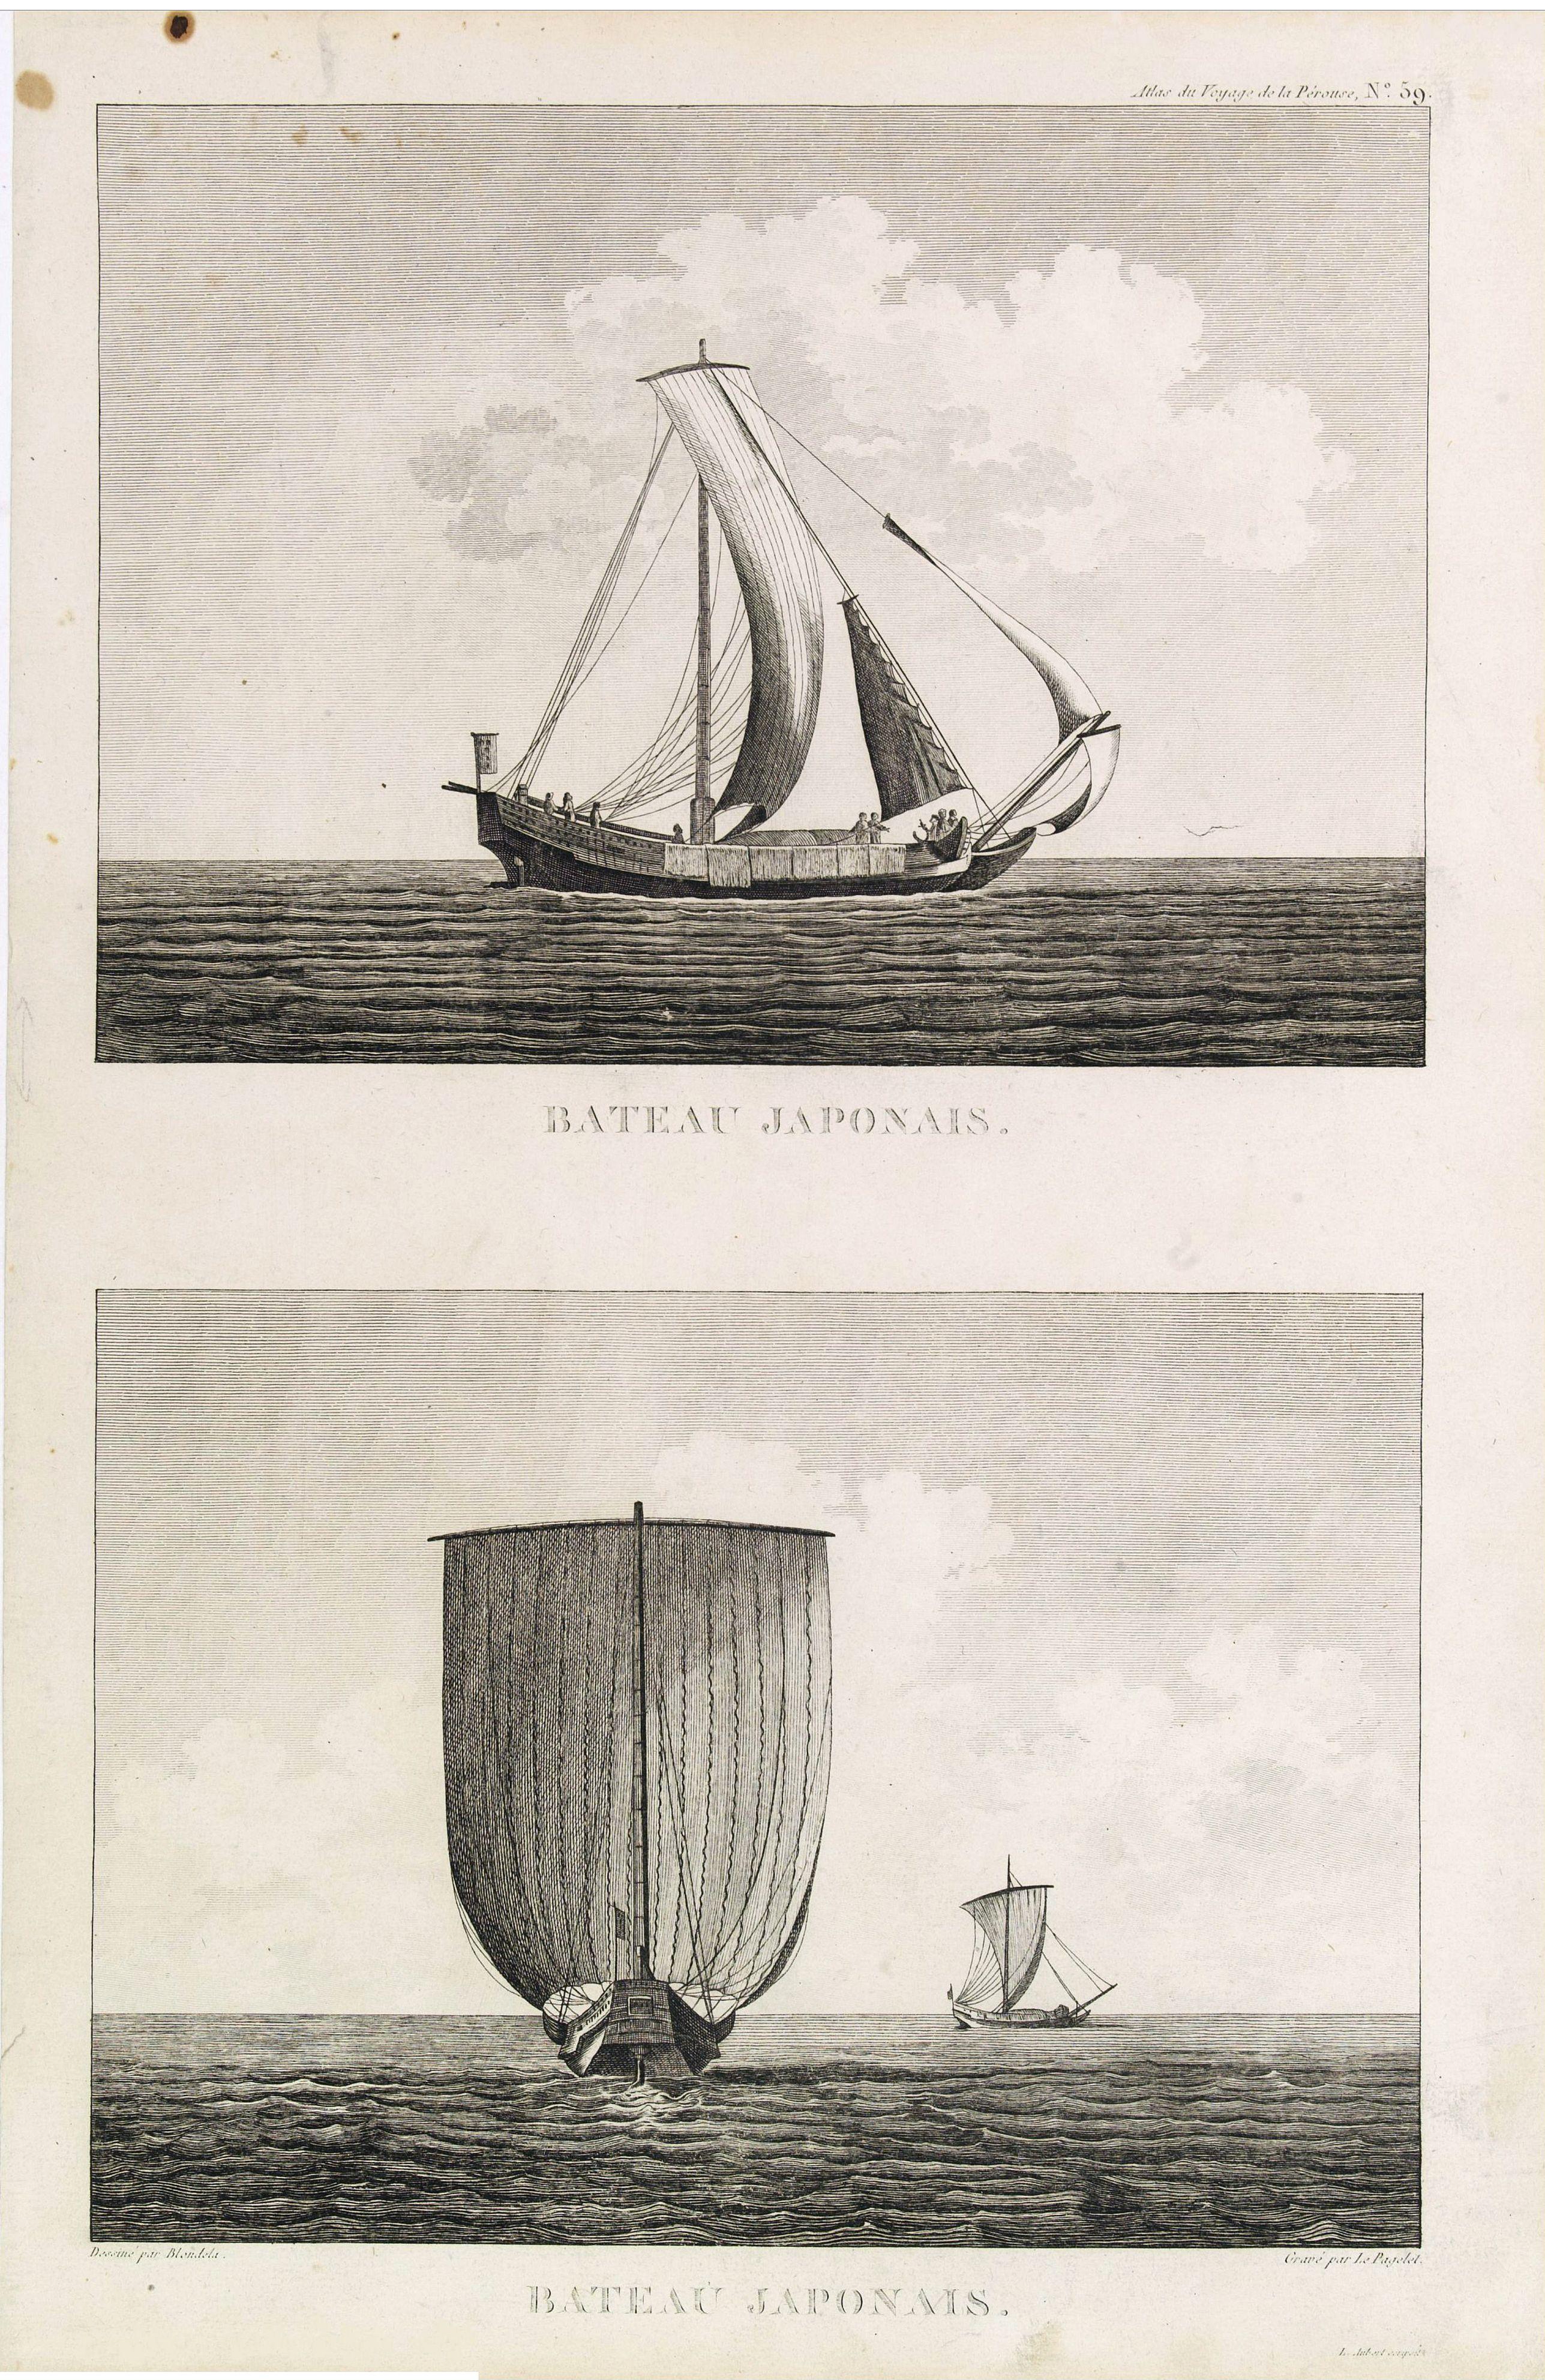 PEROUSE, DE LA -  Bateau Japonais. Two prints on one sheet.